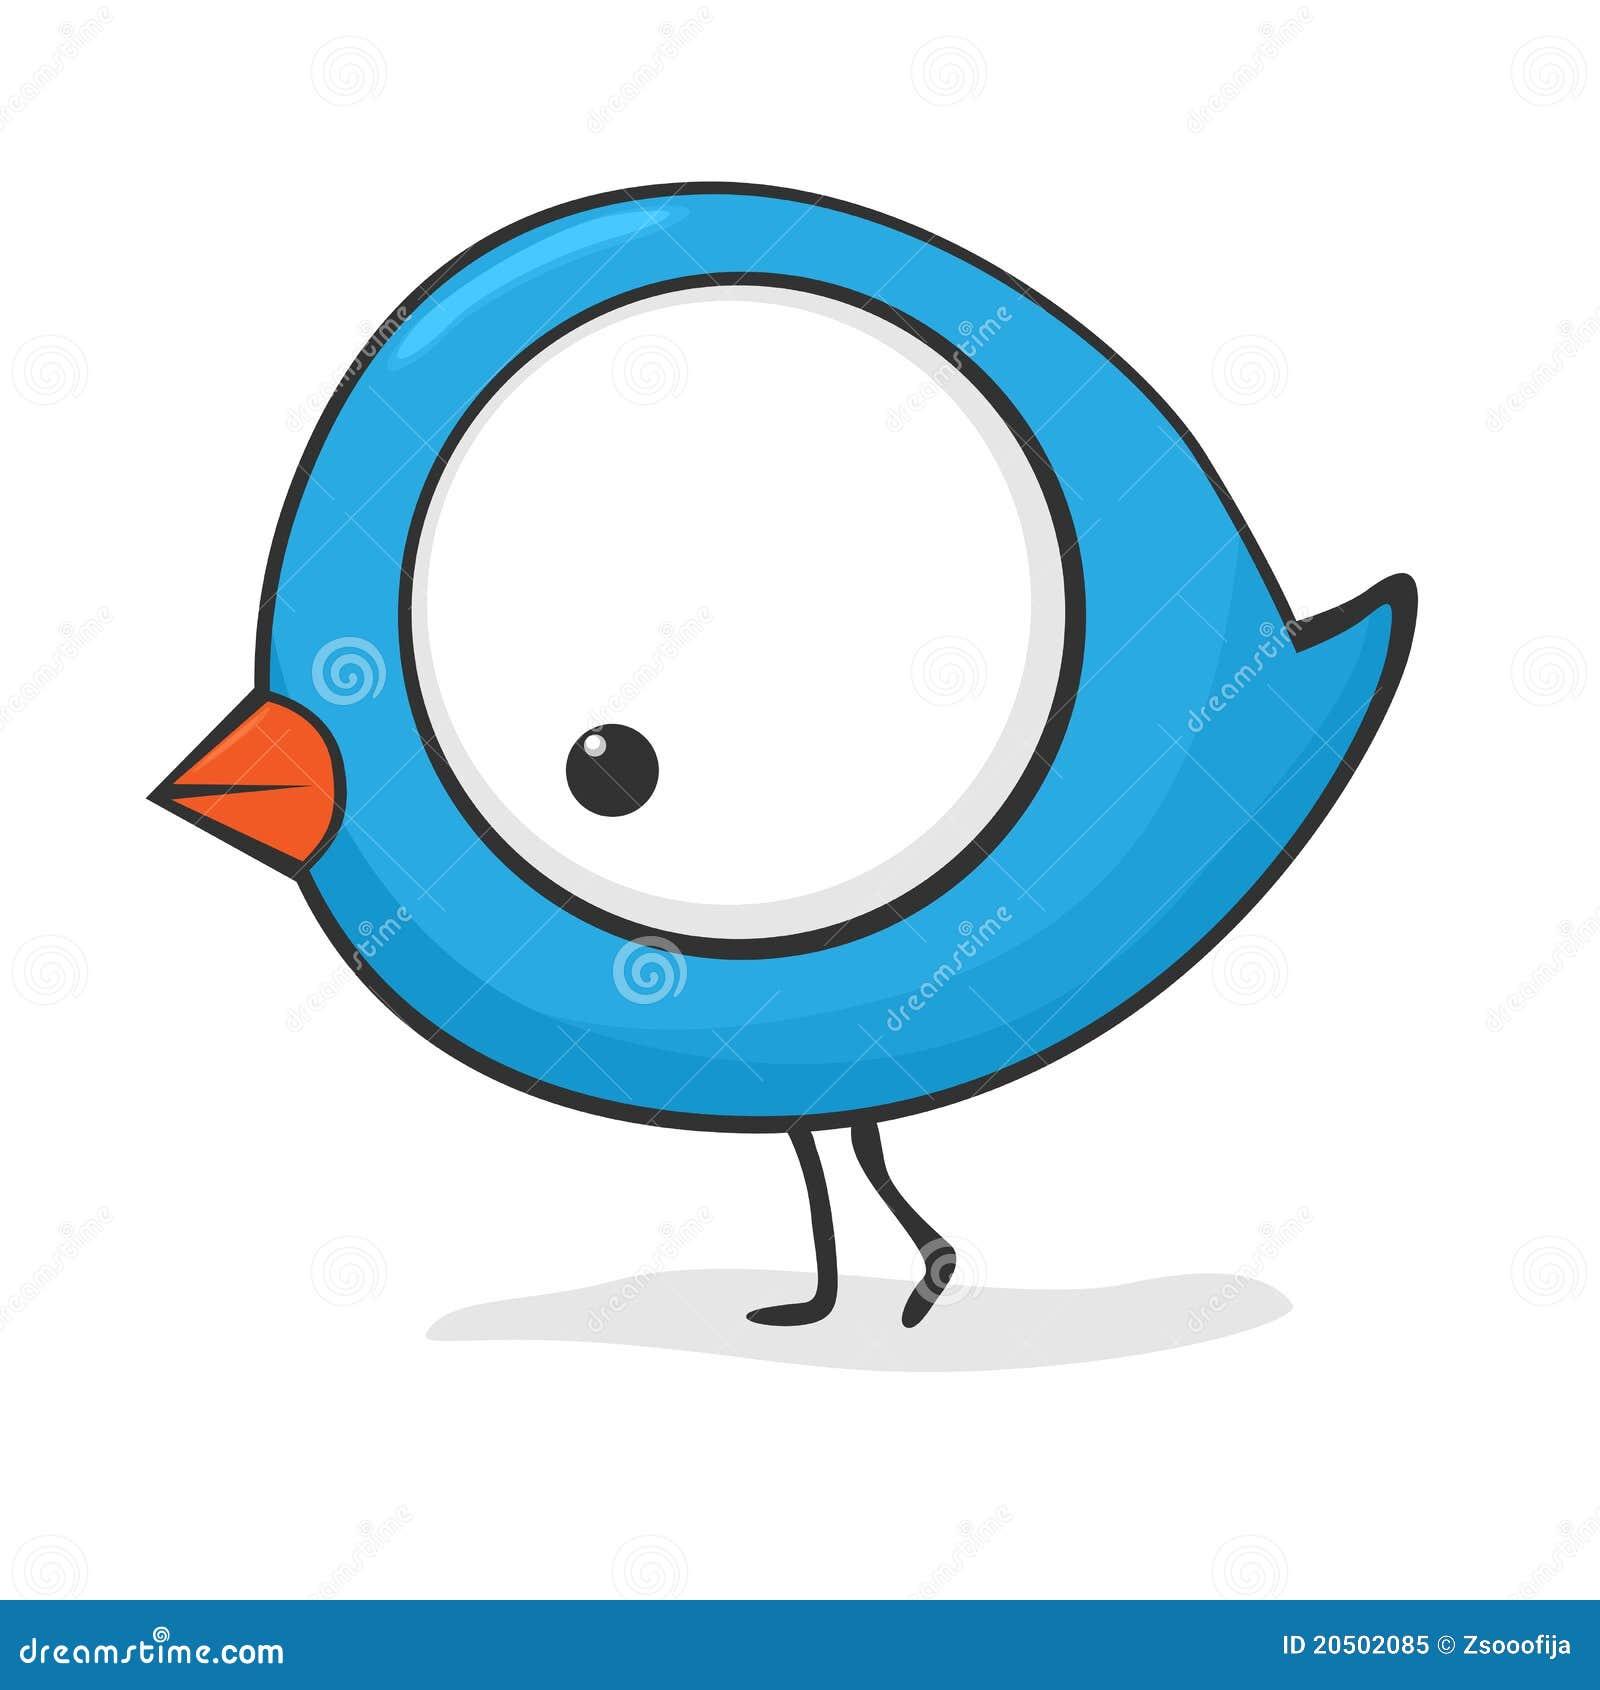 Oiseau mignon de dessin anim photo libre de droits image 20502085 - Image oiseau dessin ...